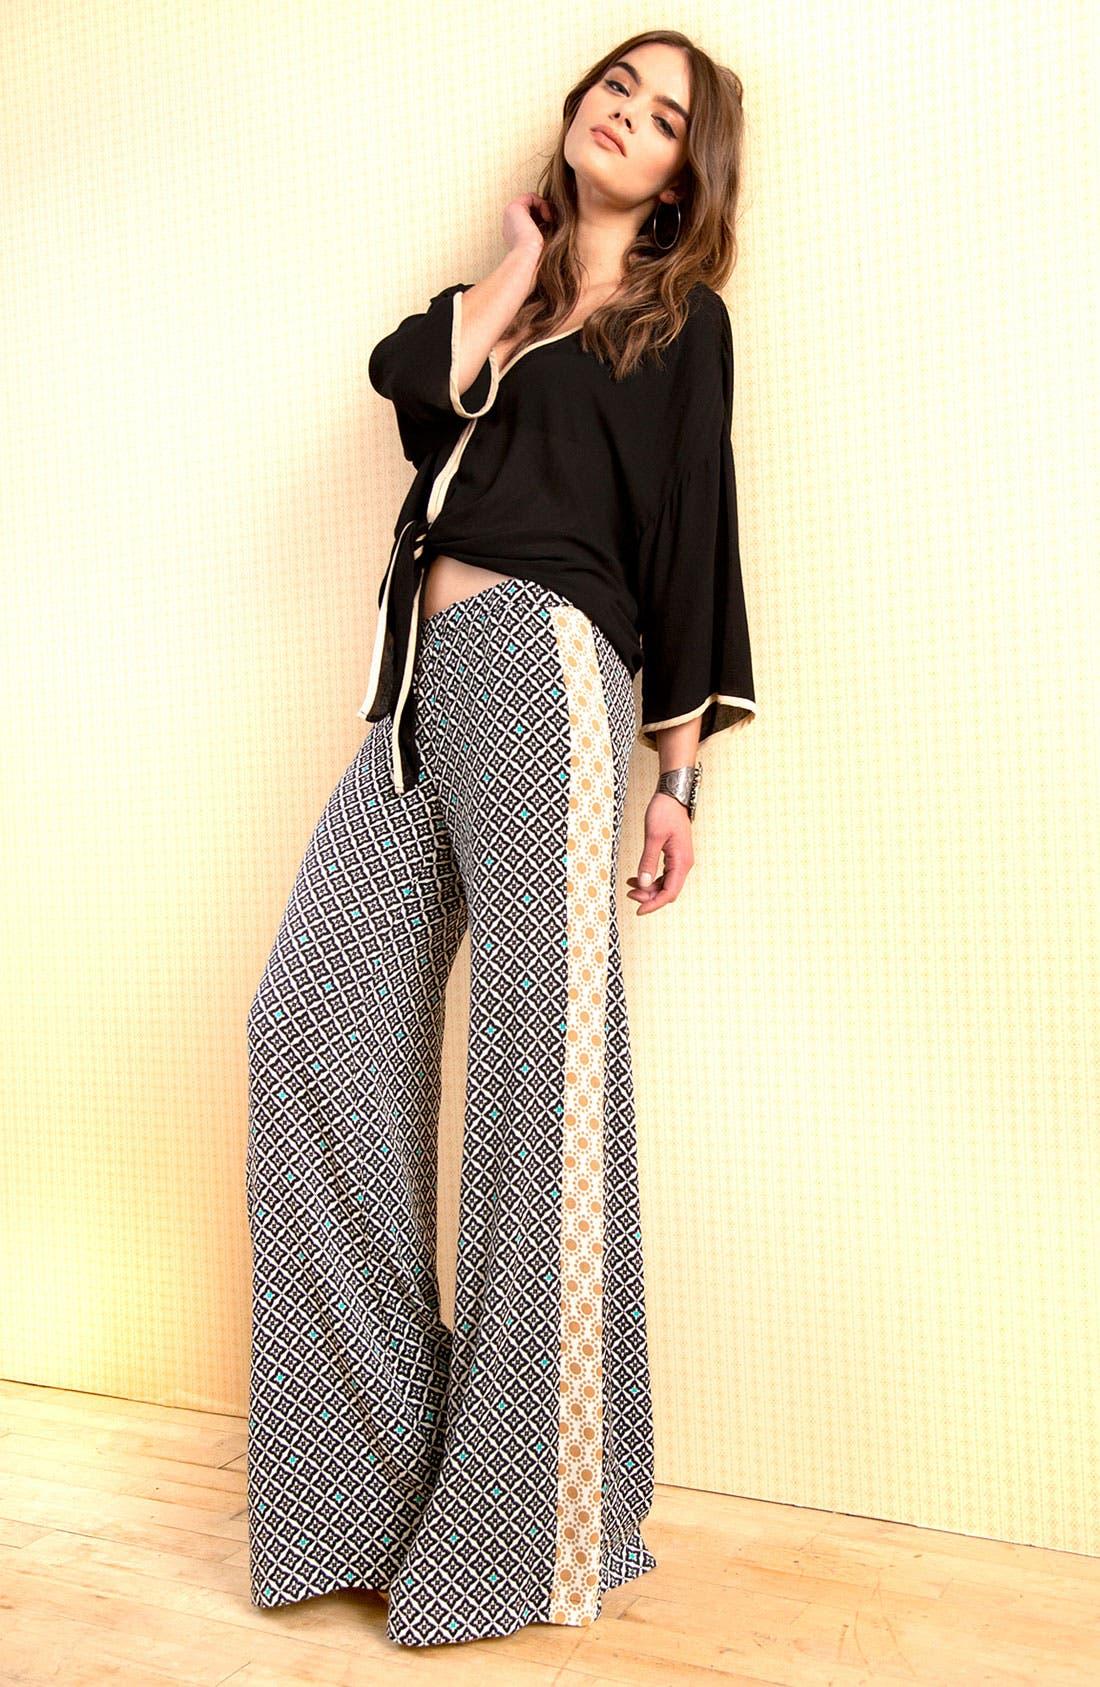 Alternate Image 1 Selected - Ella Moss Top & Pants